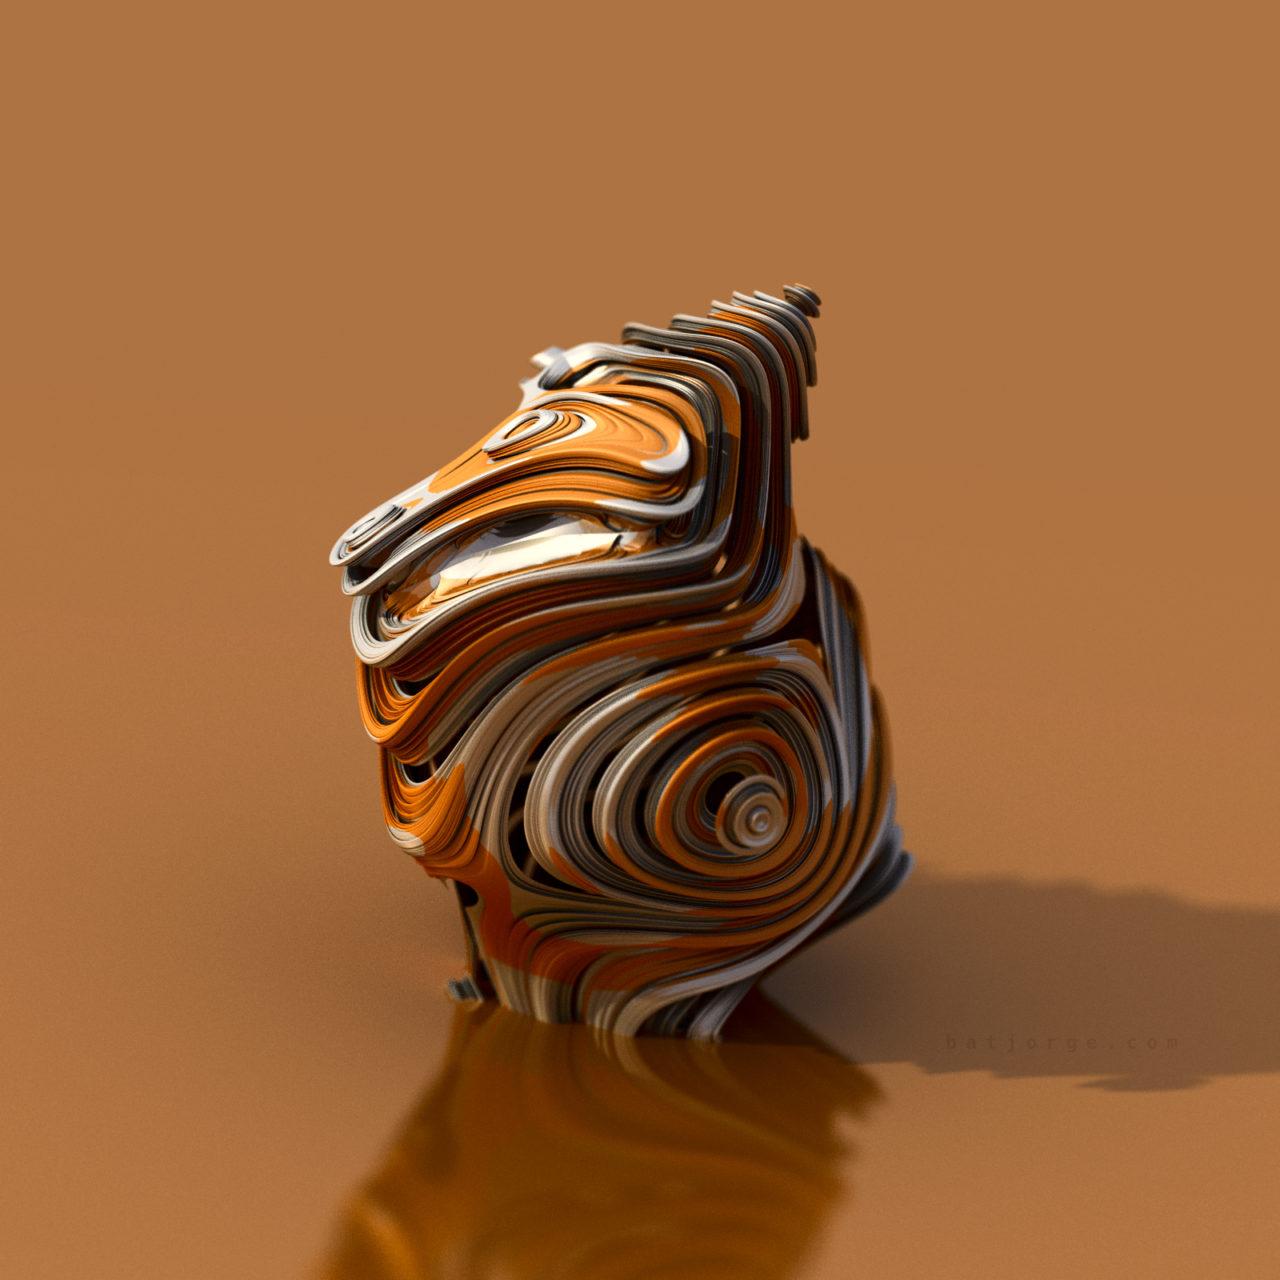 3d fractal. mandelbulb3d. abstract sculpture